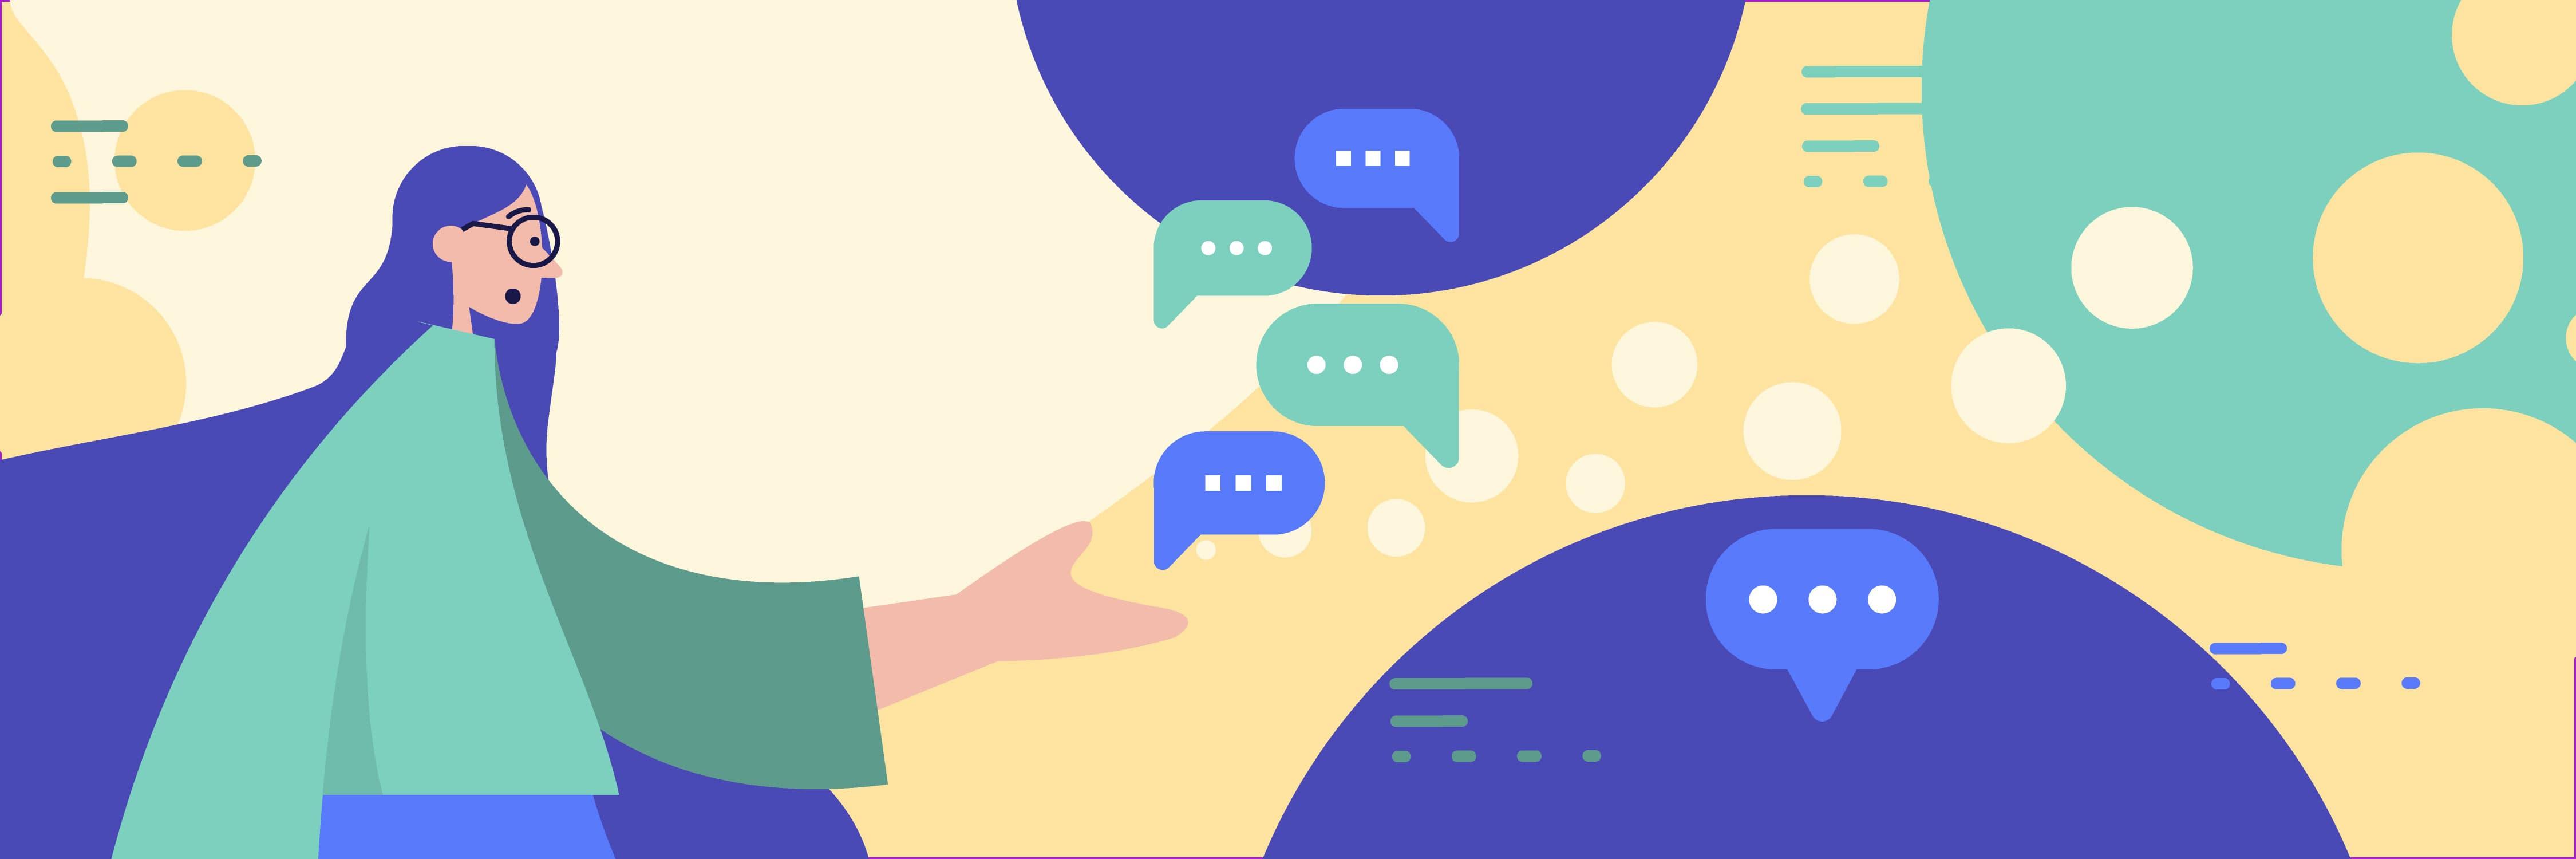 freelance-translator-translating-to-another-language